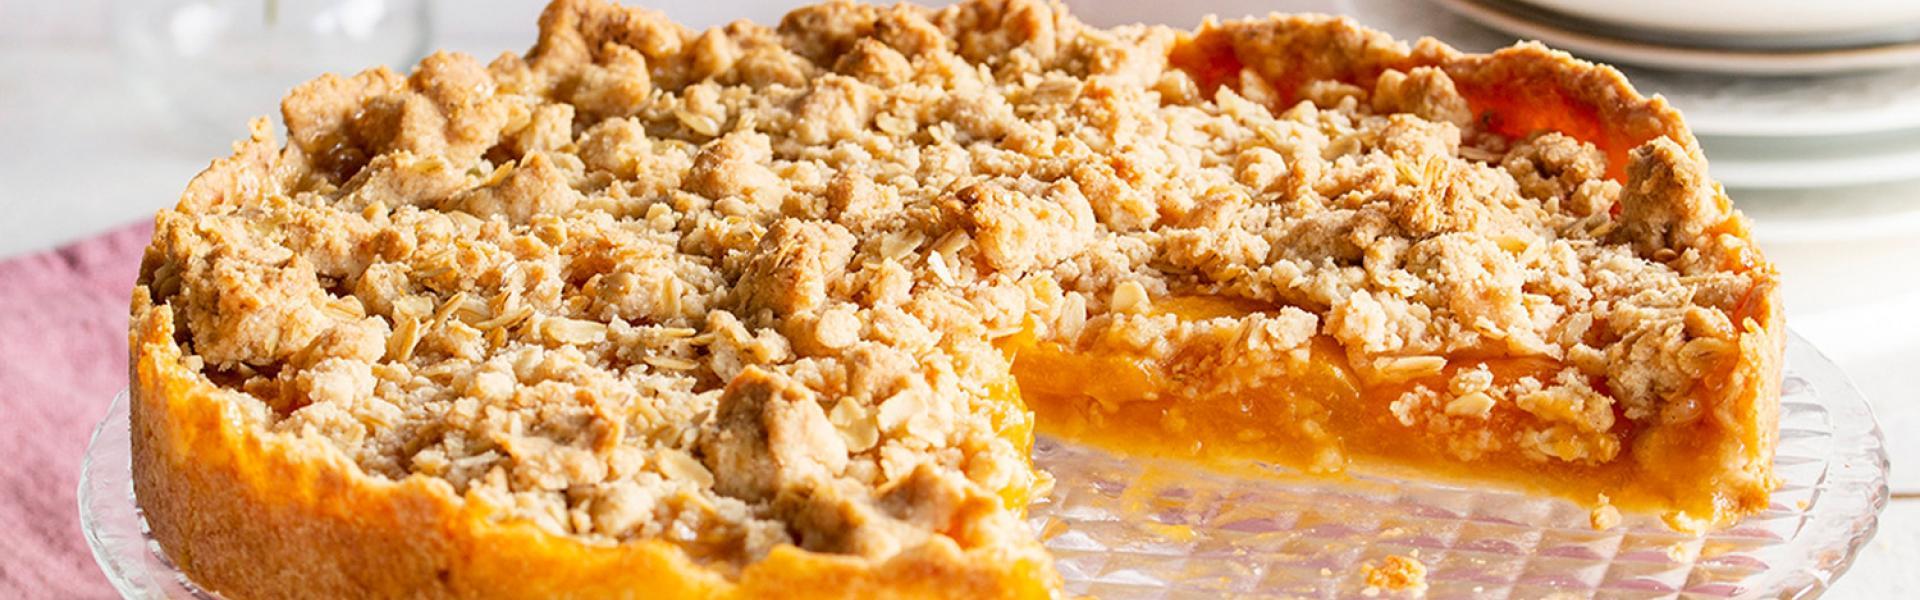 Der Aprikosenkuchen mit Streuseln steht angeschnitten auf einem Kuchentisch.